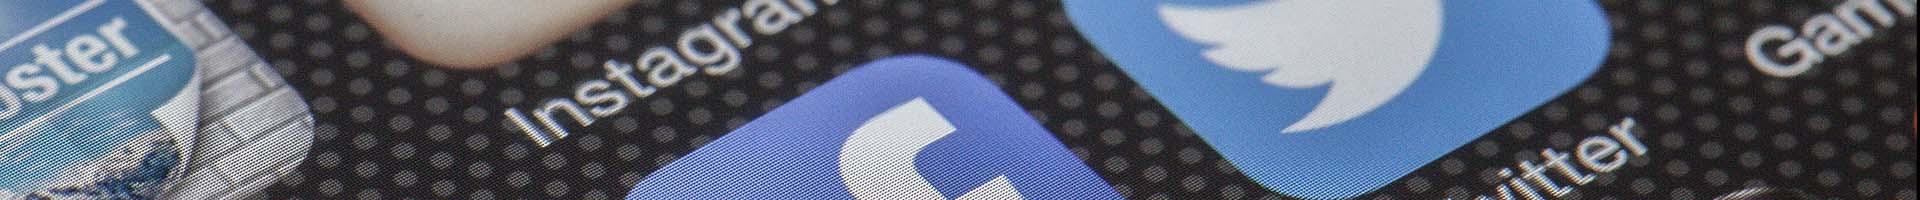 Social Media Long